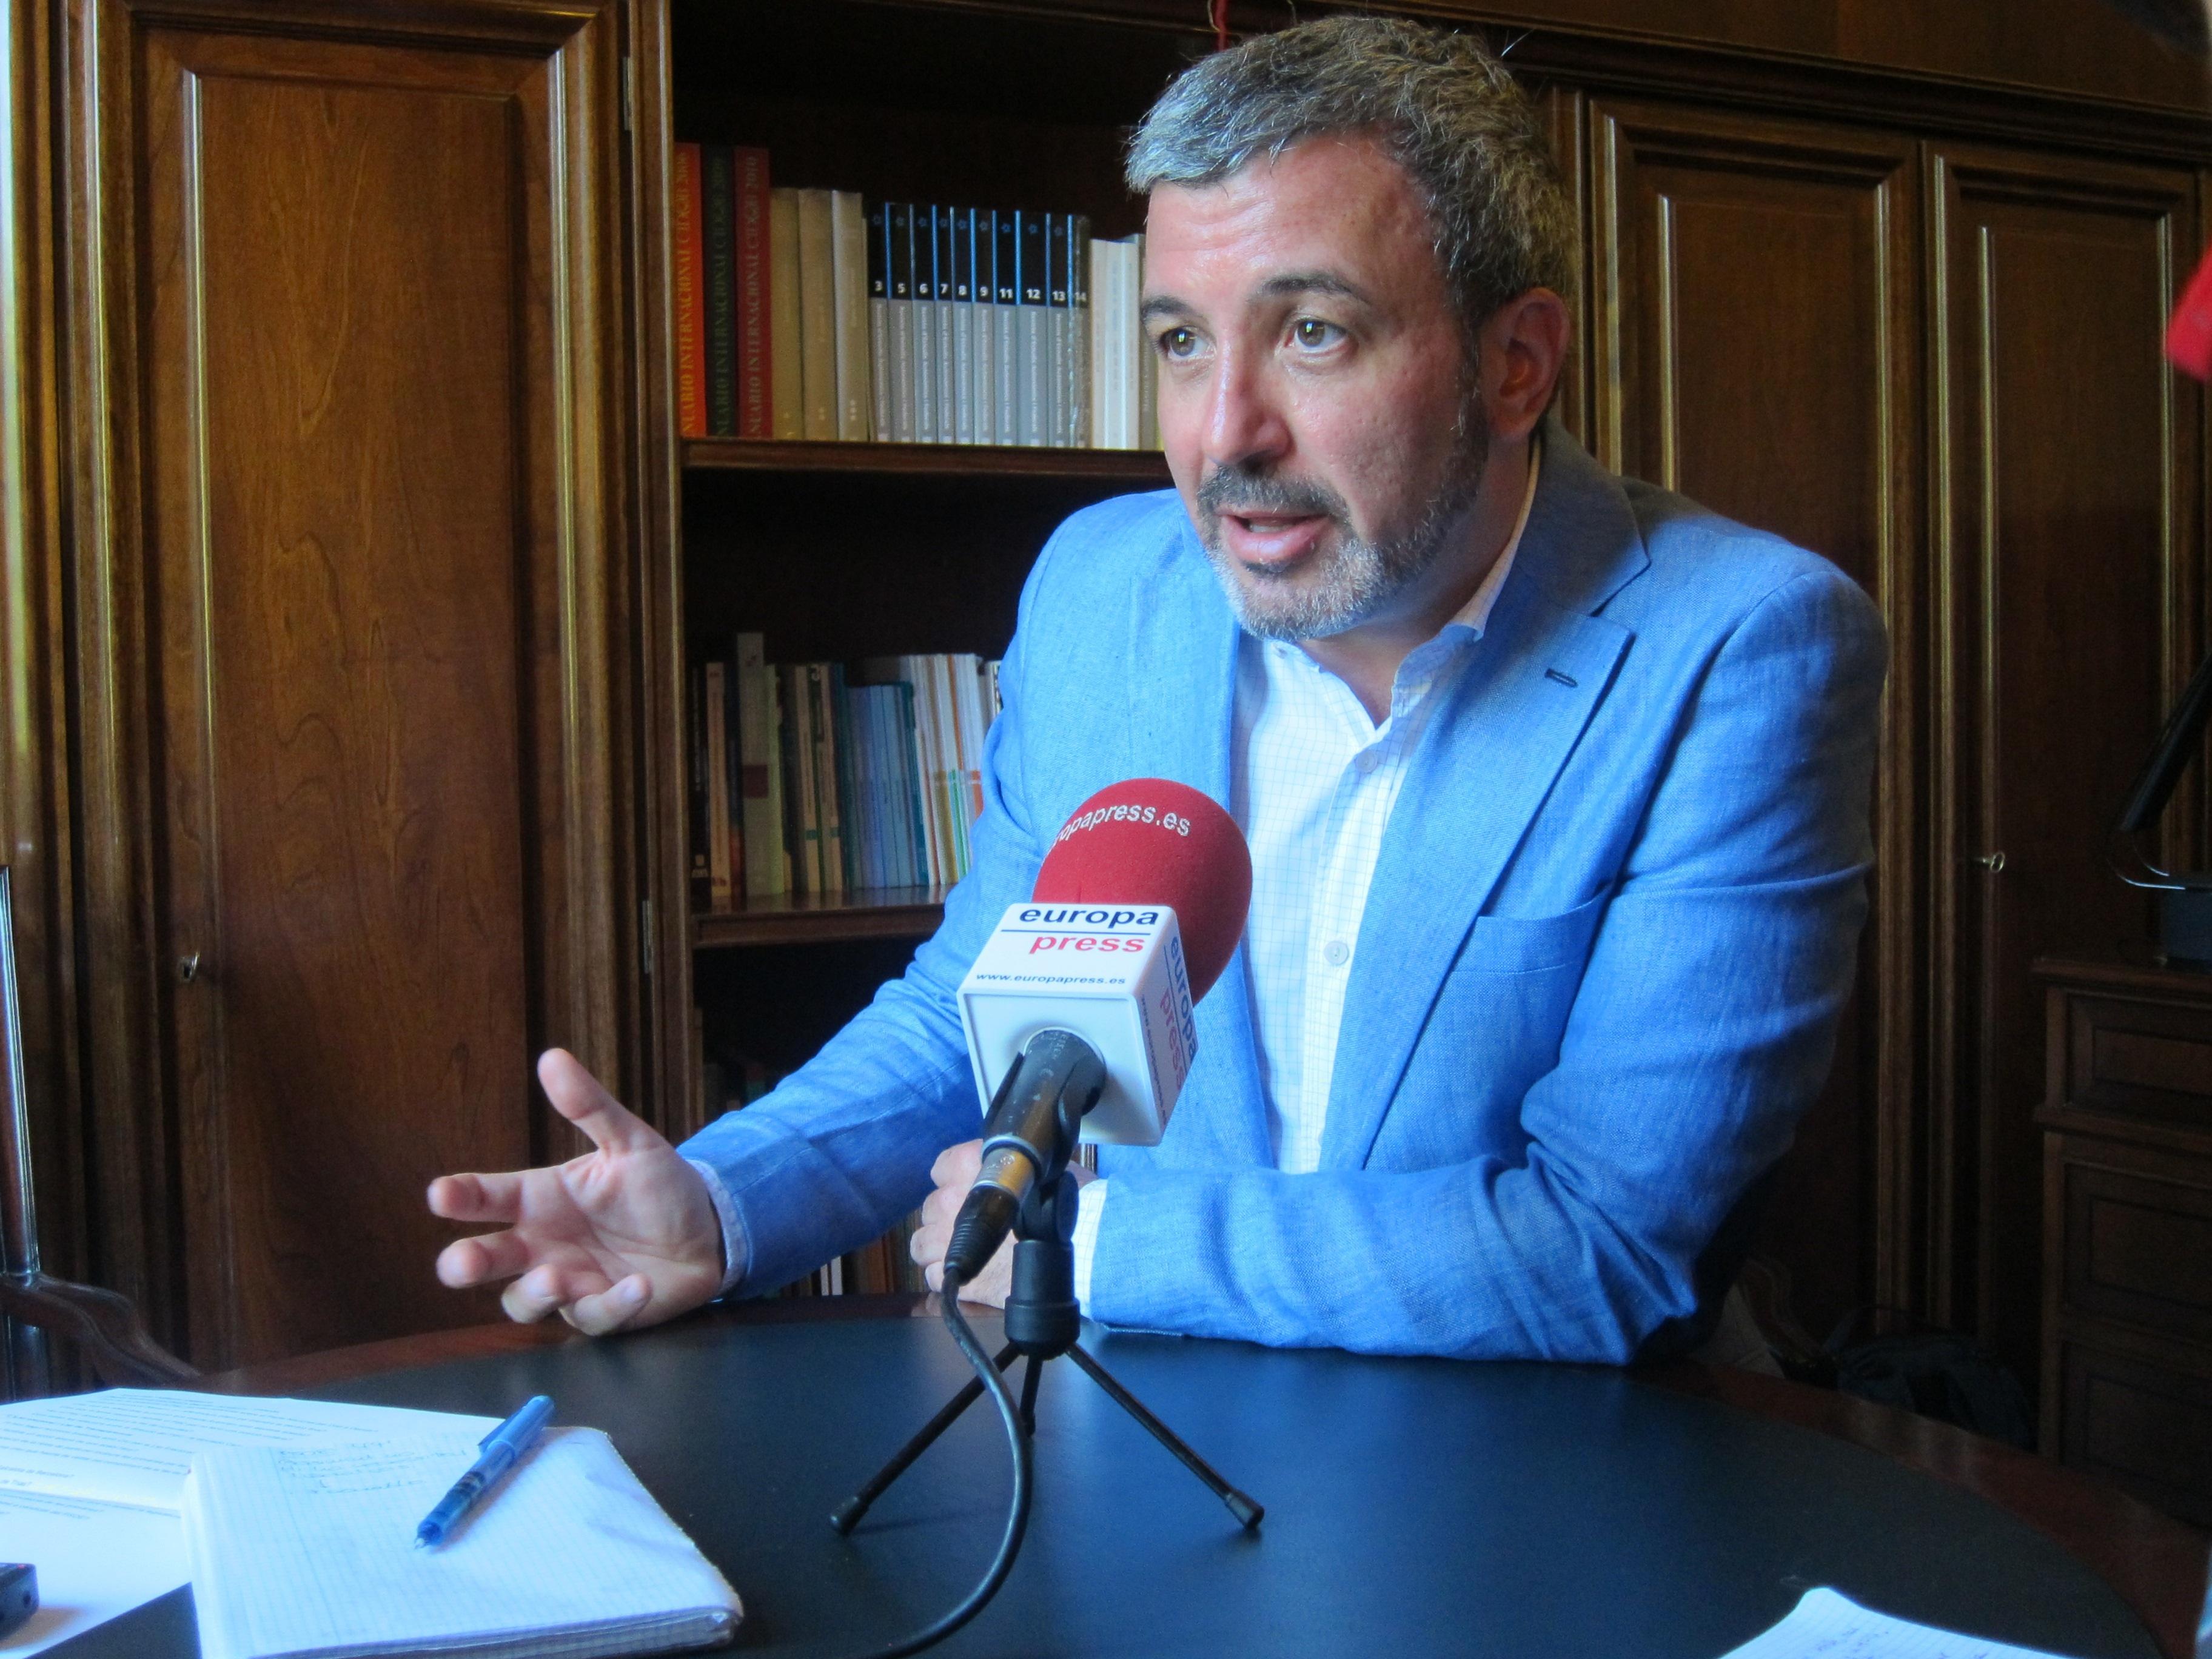 El PSC considera normalizada su relación con Chacón y ve más discrepancias entre Mas y Duran